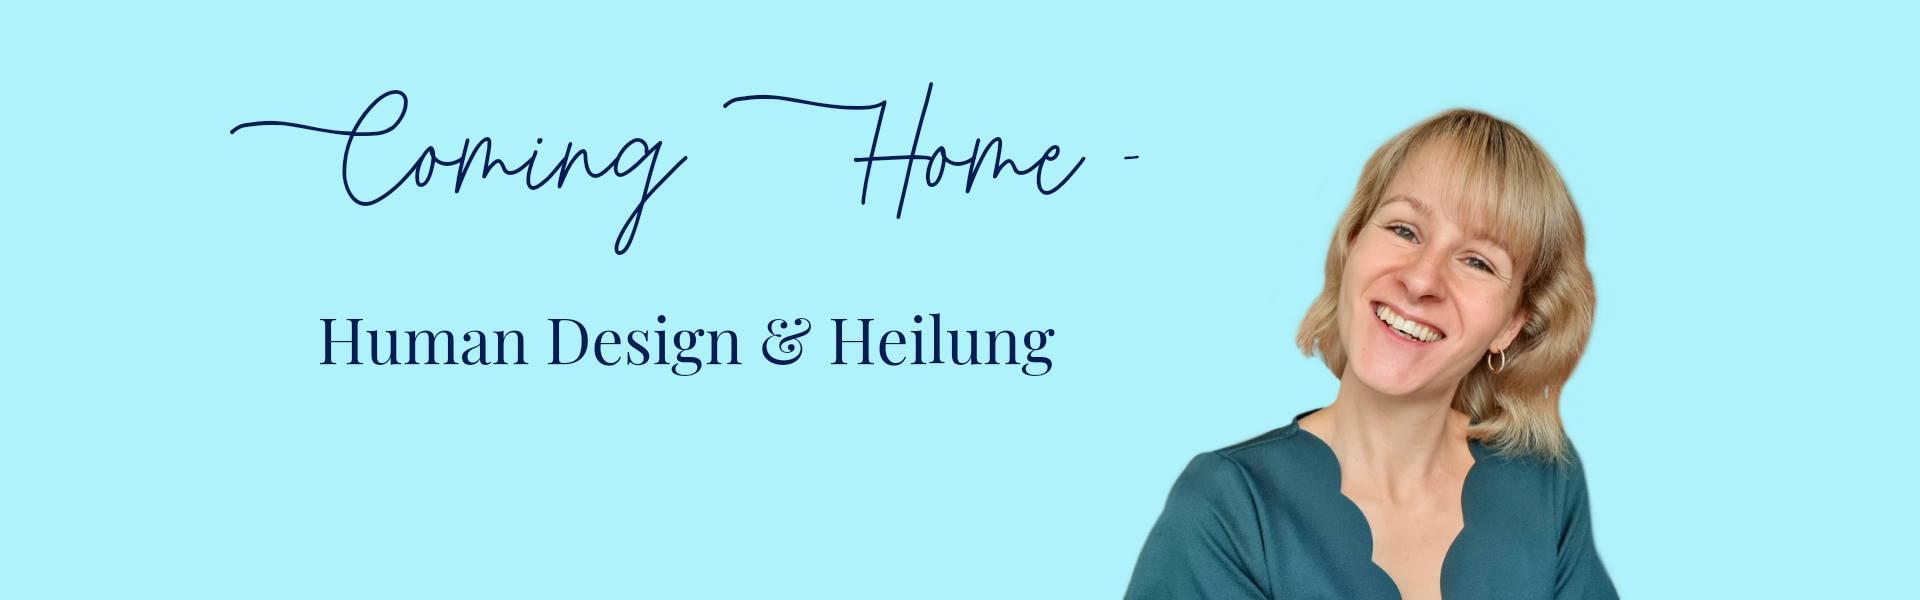 Human Design & Heilung Memberchip - Carmen Lichtenberg